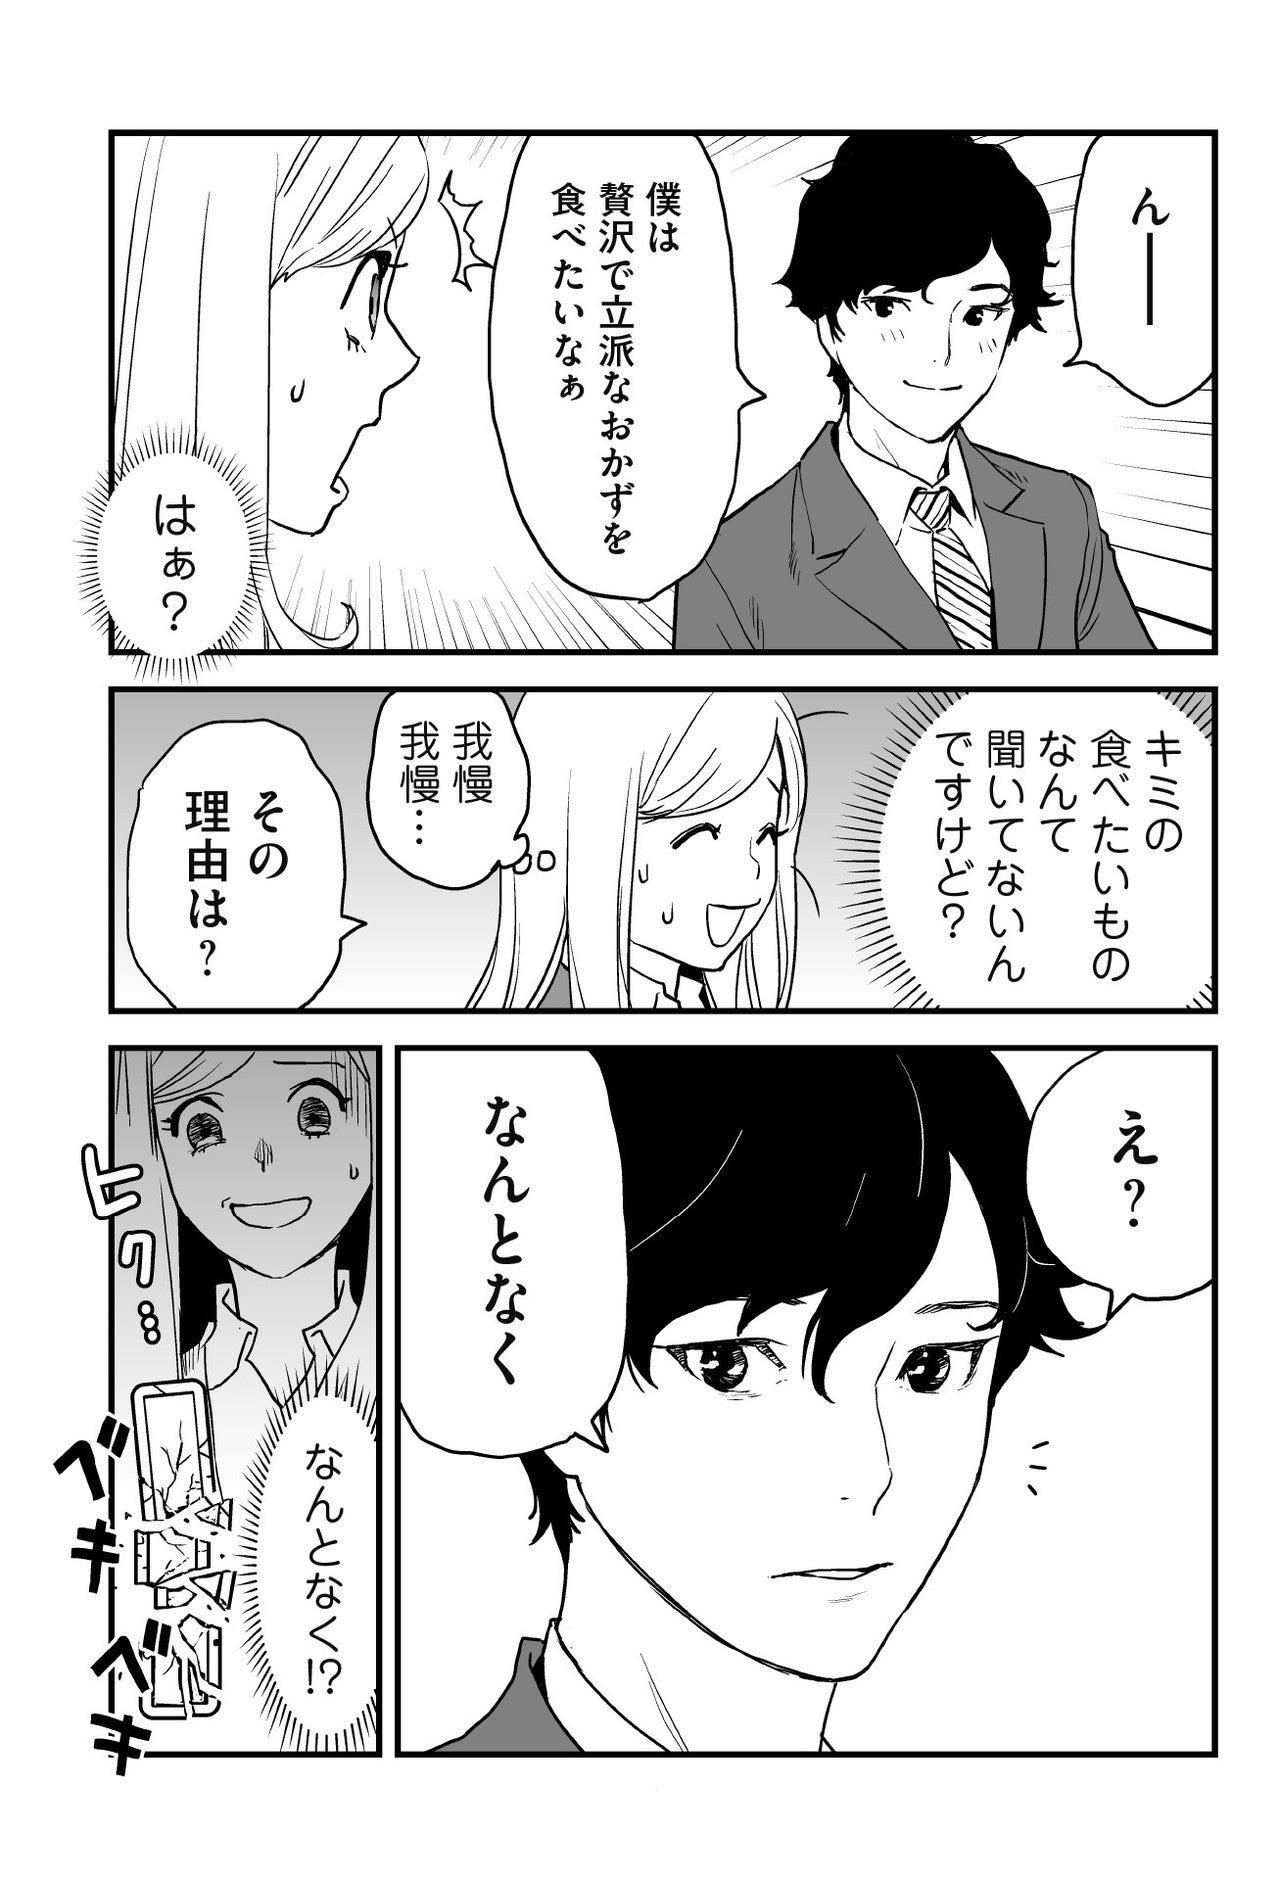 鬼滅の刃夢小説我慢